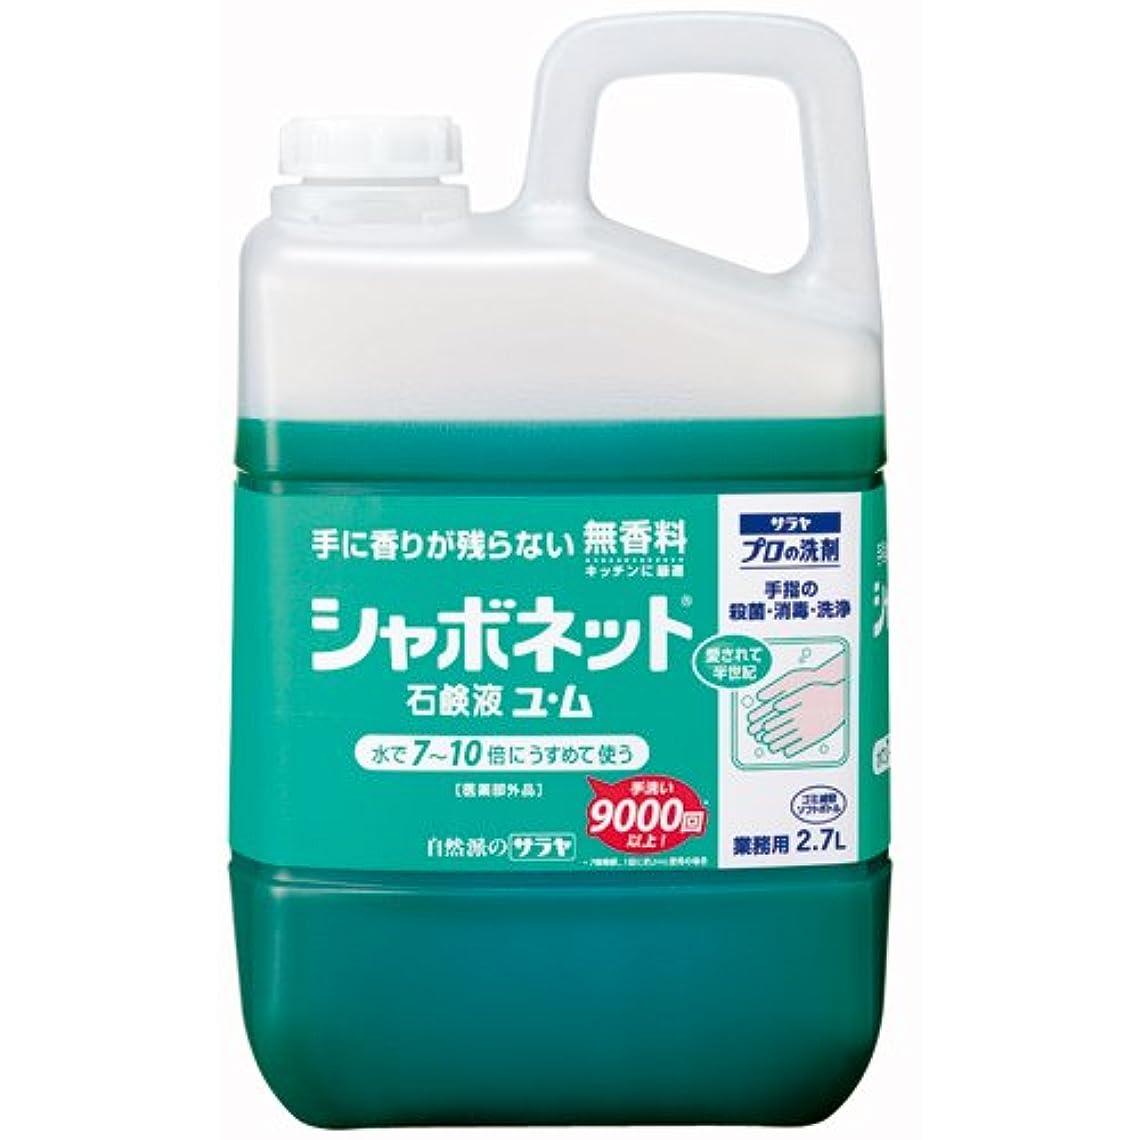 切り下げ責める侵入サラヤ シャボネット石鹸液 ユ?ム 無香料 業務用 2.7L